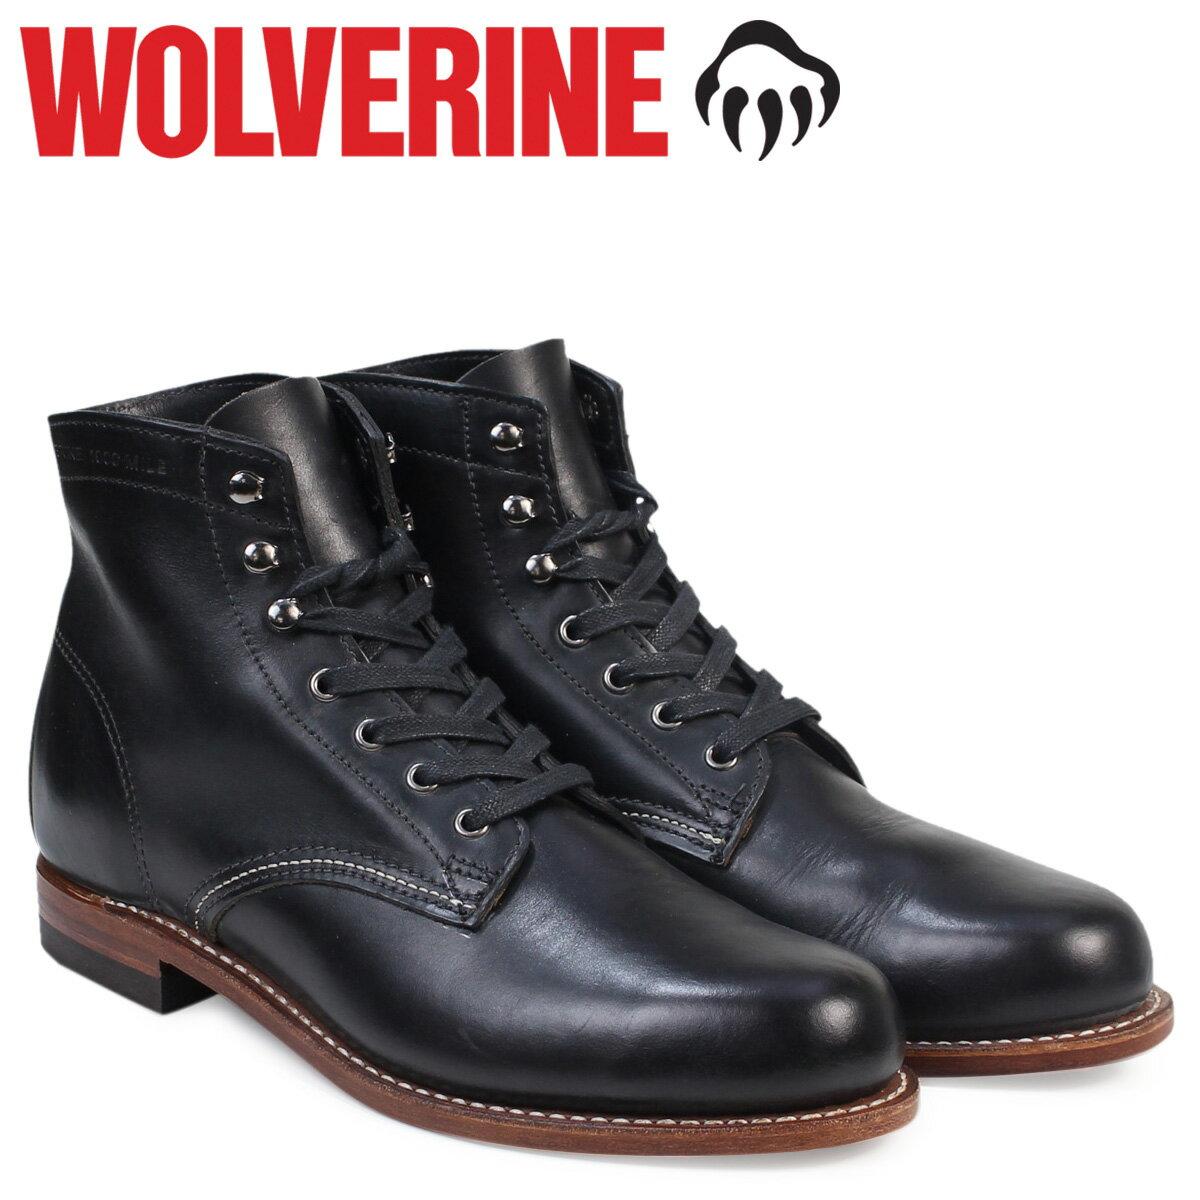 ウルヴァリン 1000マイル ブーツ WOLVERINE ブーツ メンズ 1000 MILE BOOT Dワイズ W05300 ブラック ワークブーツ [9/27 追加入荷]